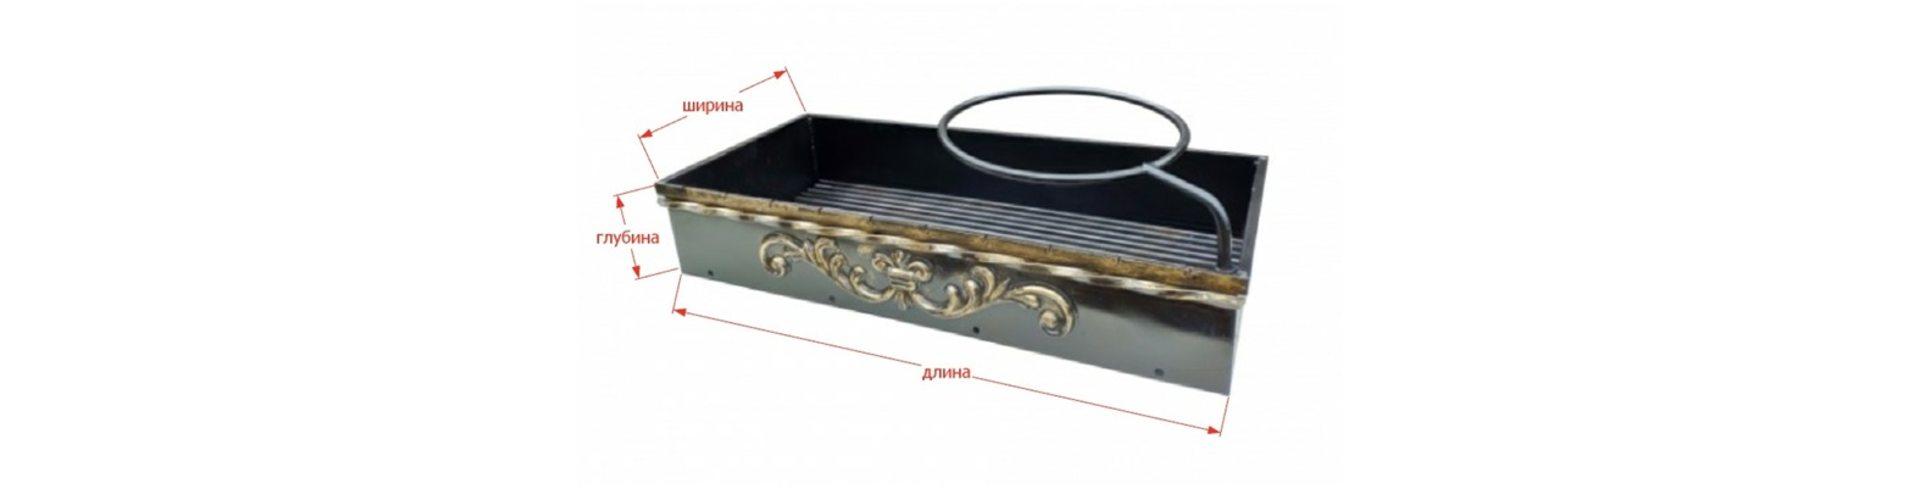 Оптимальные размеры мангала из металла для шашлыка